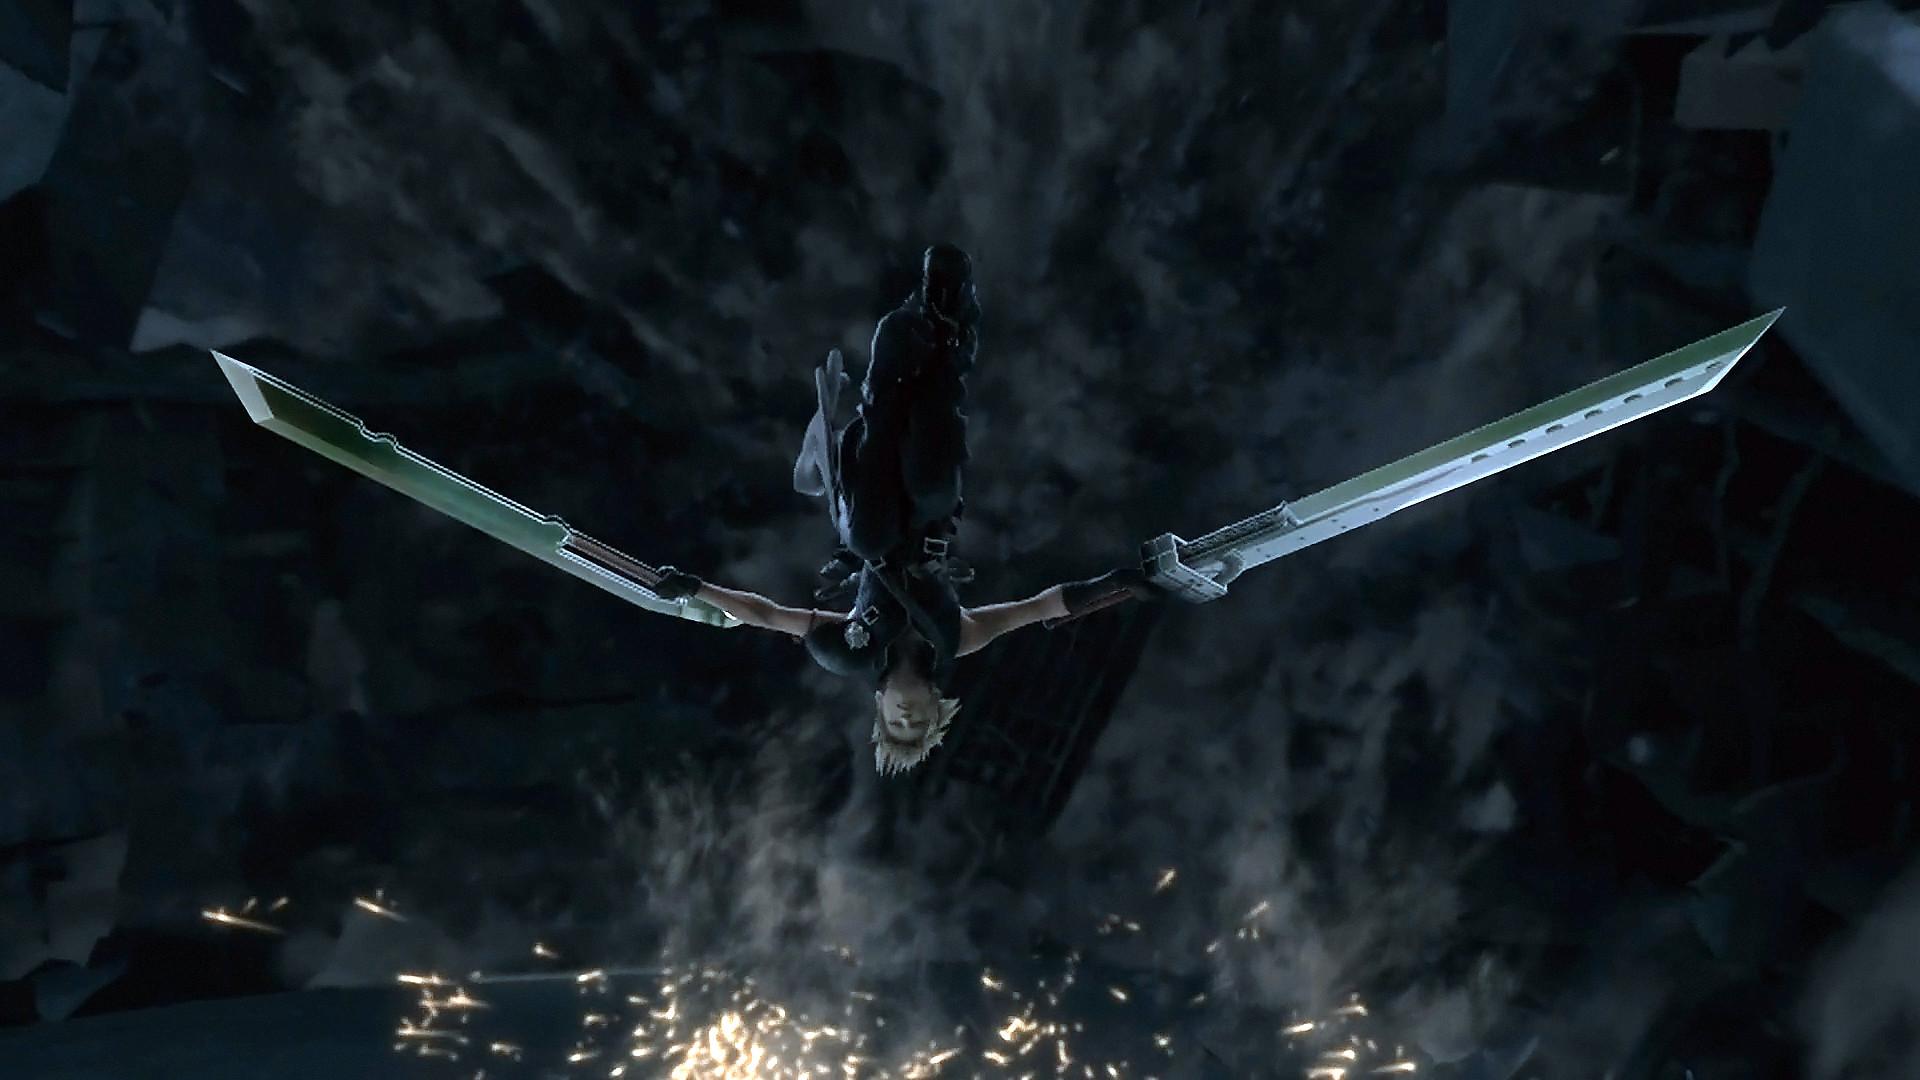 Final Fantasy VII · download Final Fantasy VII image